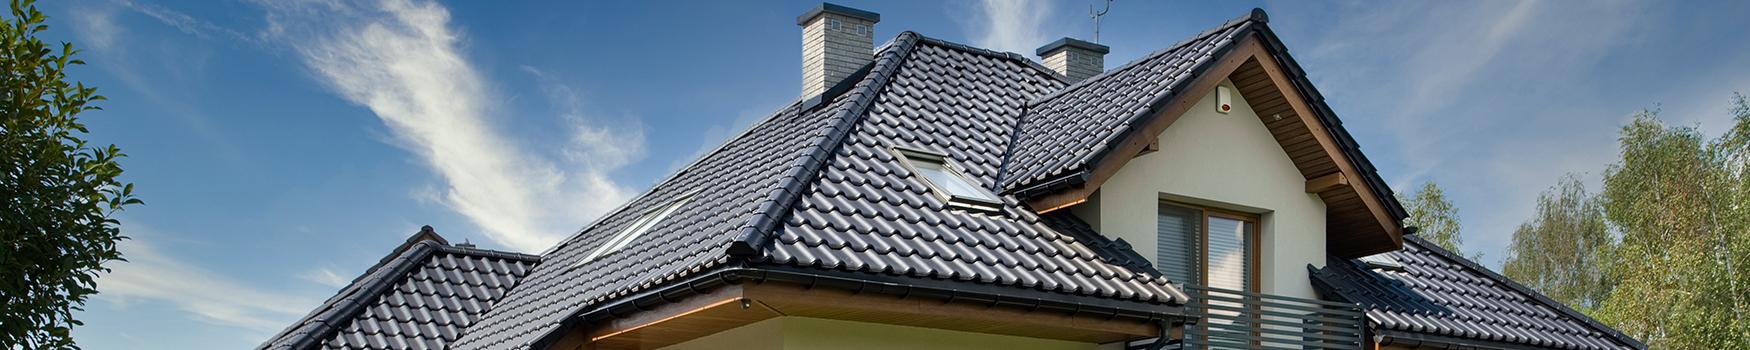 Czy lukarna to rozwiązanie, które powinno znaleźć się na naszym dachu?